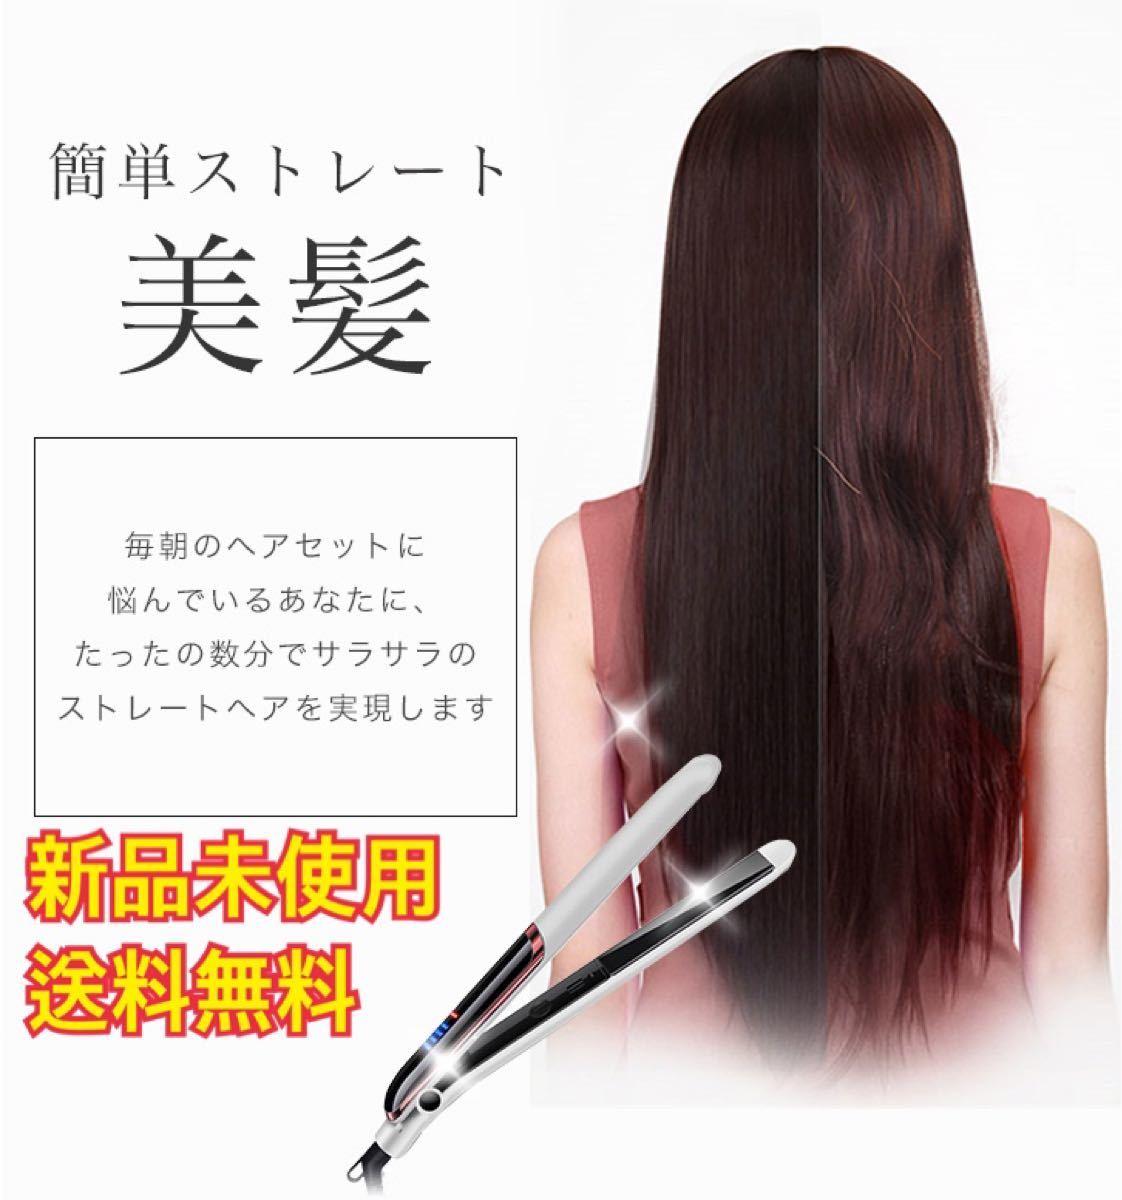 ヘアアイロン アイロン ストレートアイロン こて 内巻き 軽量 軽い セラミック  耐熱 旅行 持ち運び 美髪 温度調節 安い